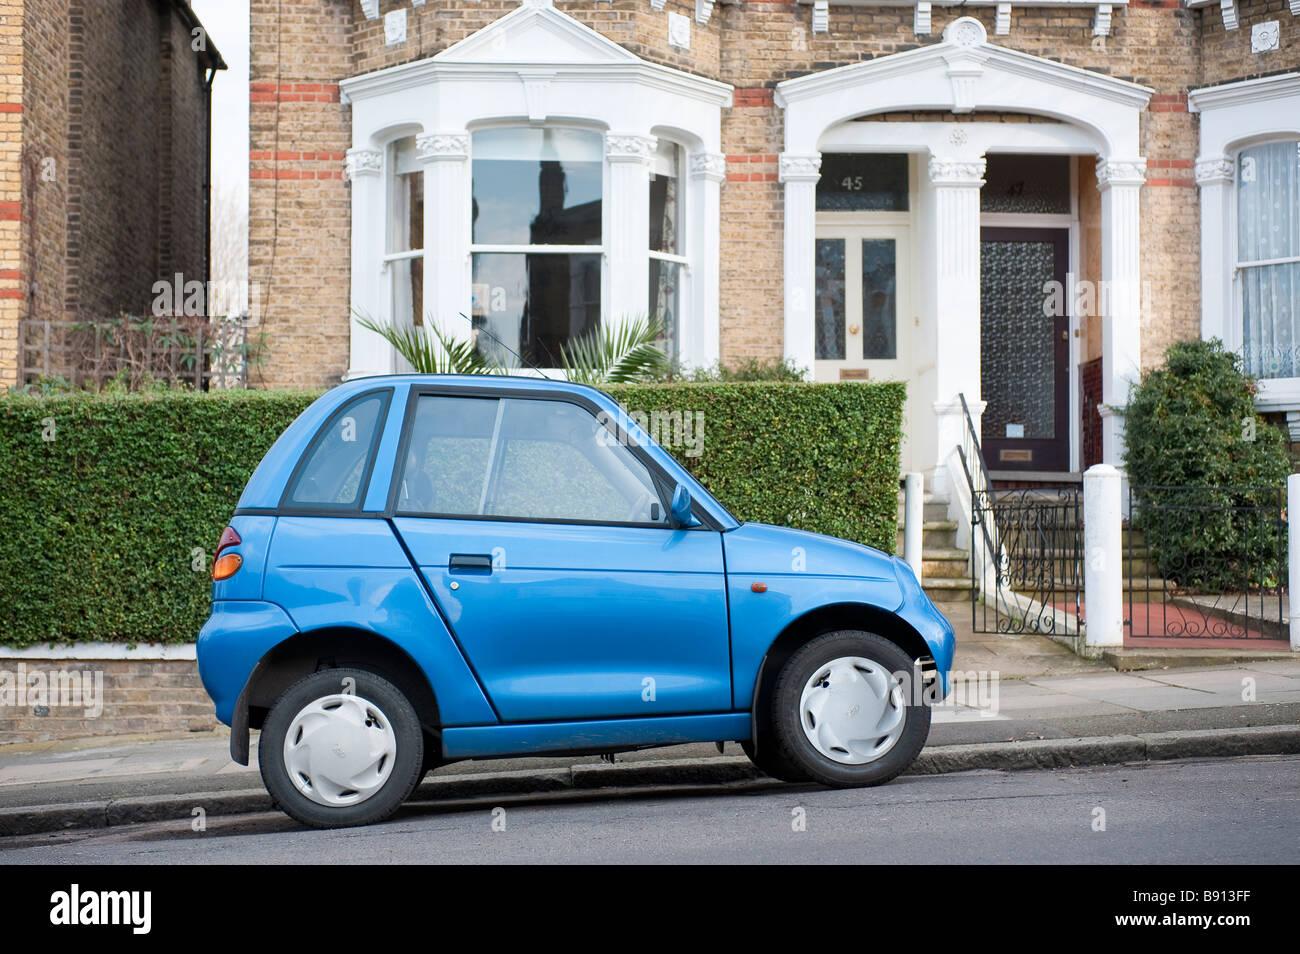 G-Wiz elettrico auto parcheggiata in una strada residenziale a Londra Immagini Stock